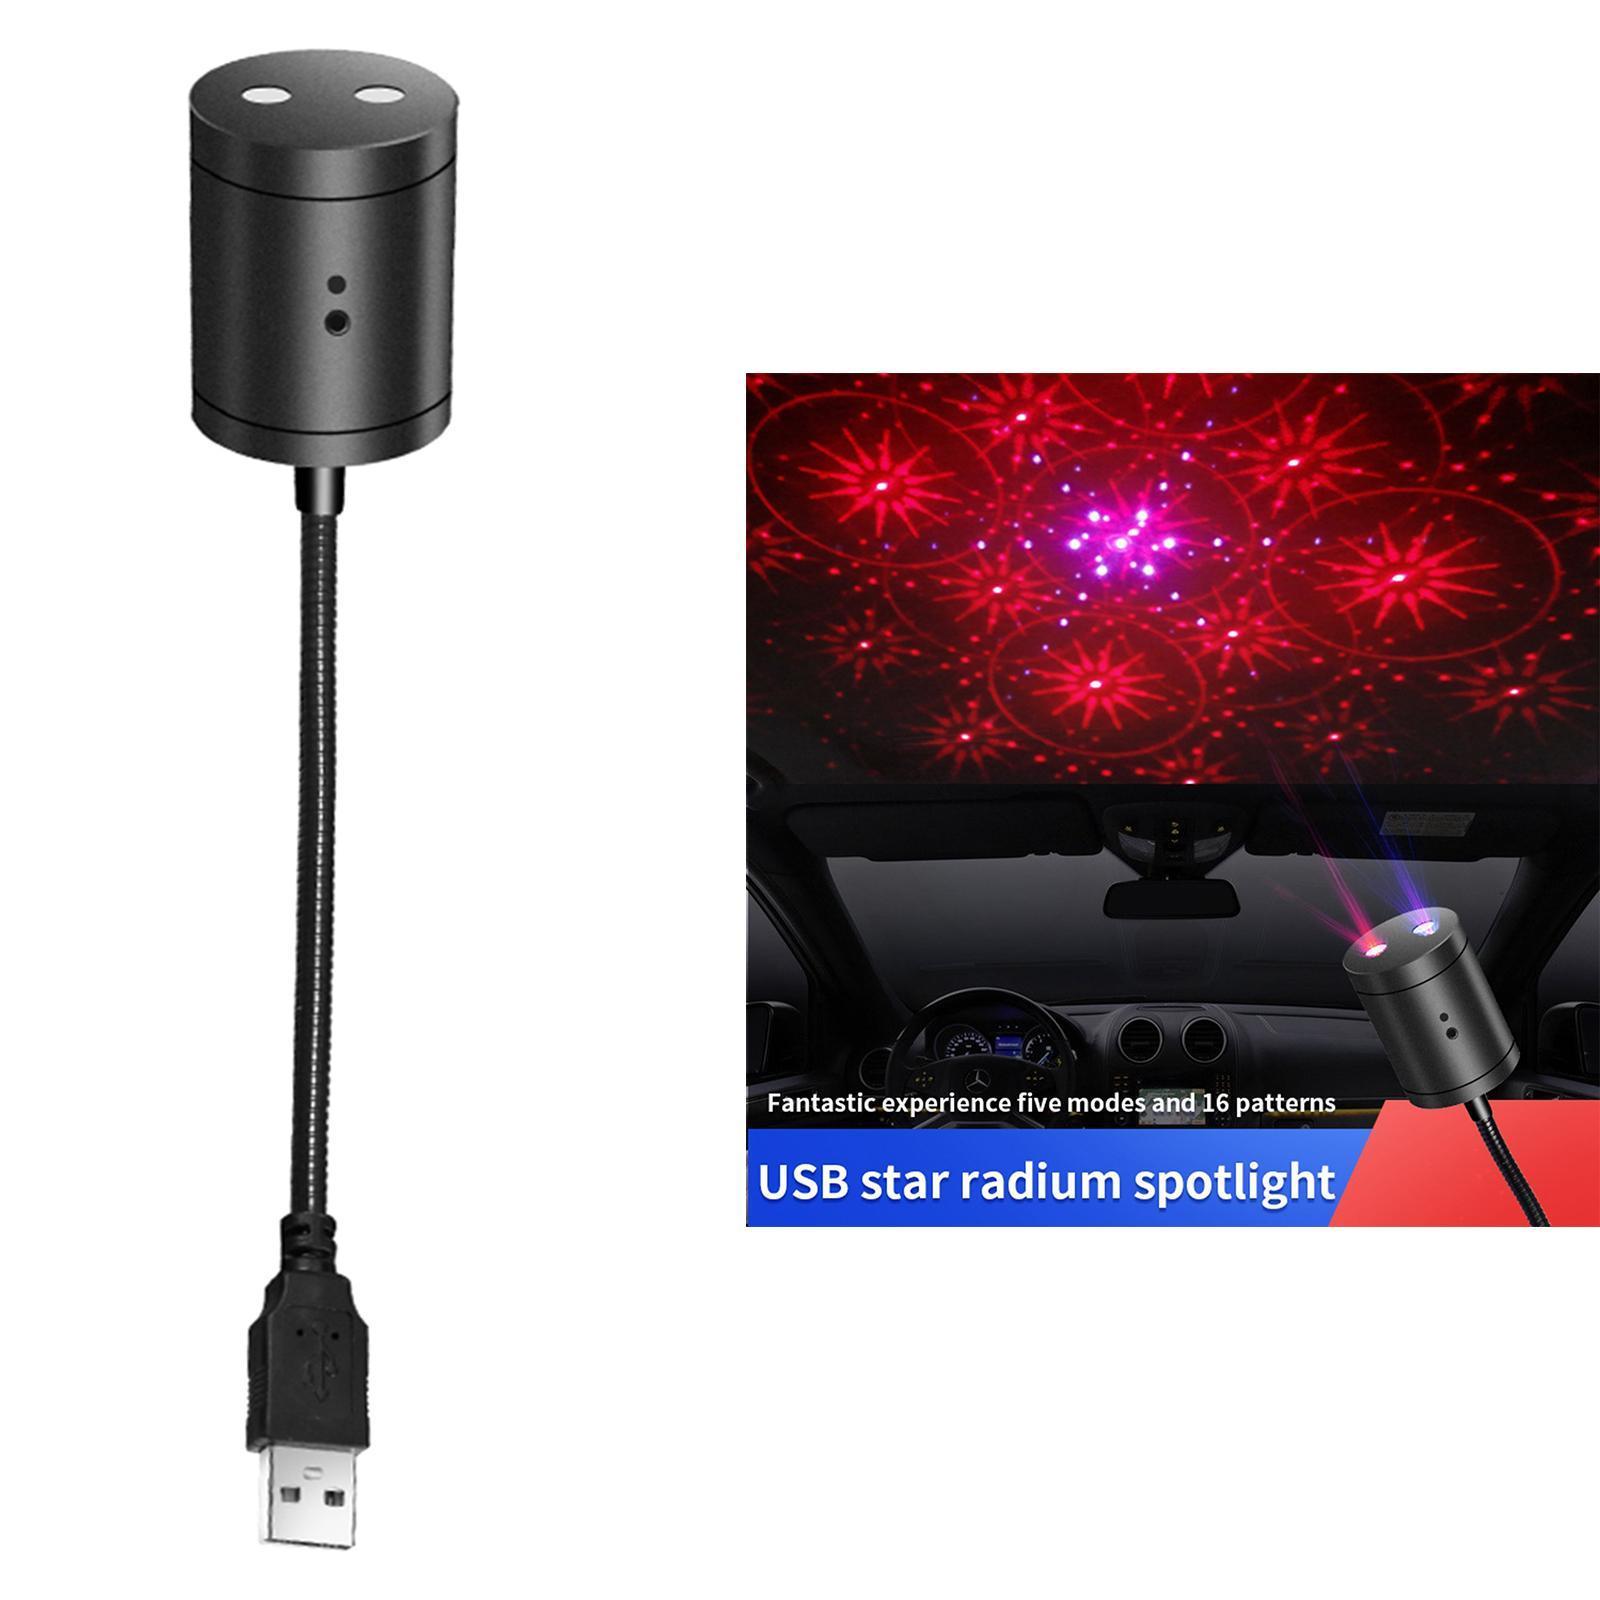 Proiettore-della-stella-Della-Luce-di-Notte-USB-Luce-di-Notte-Luci-Interne miniatura 9